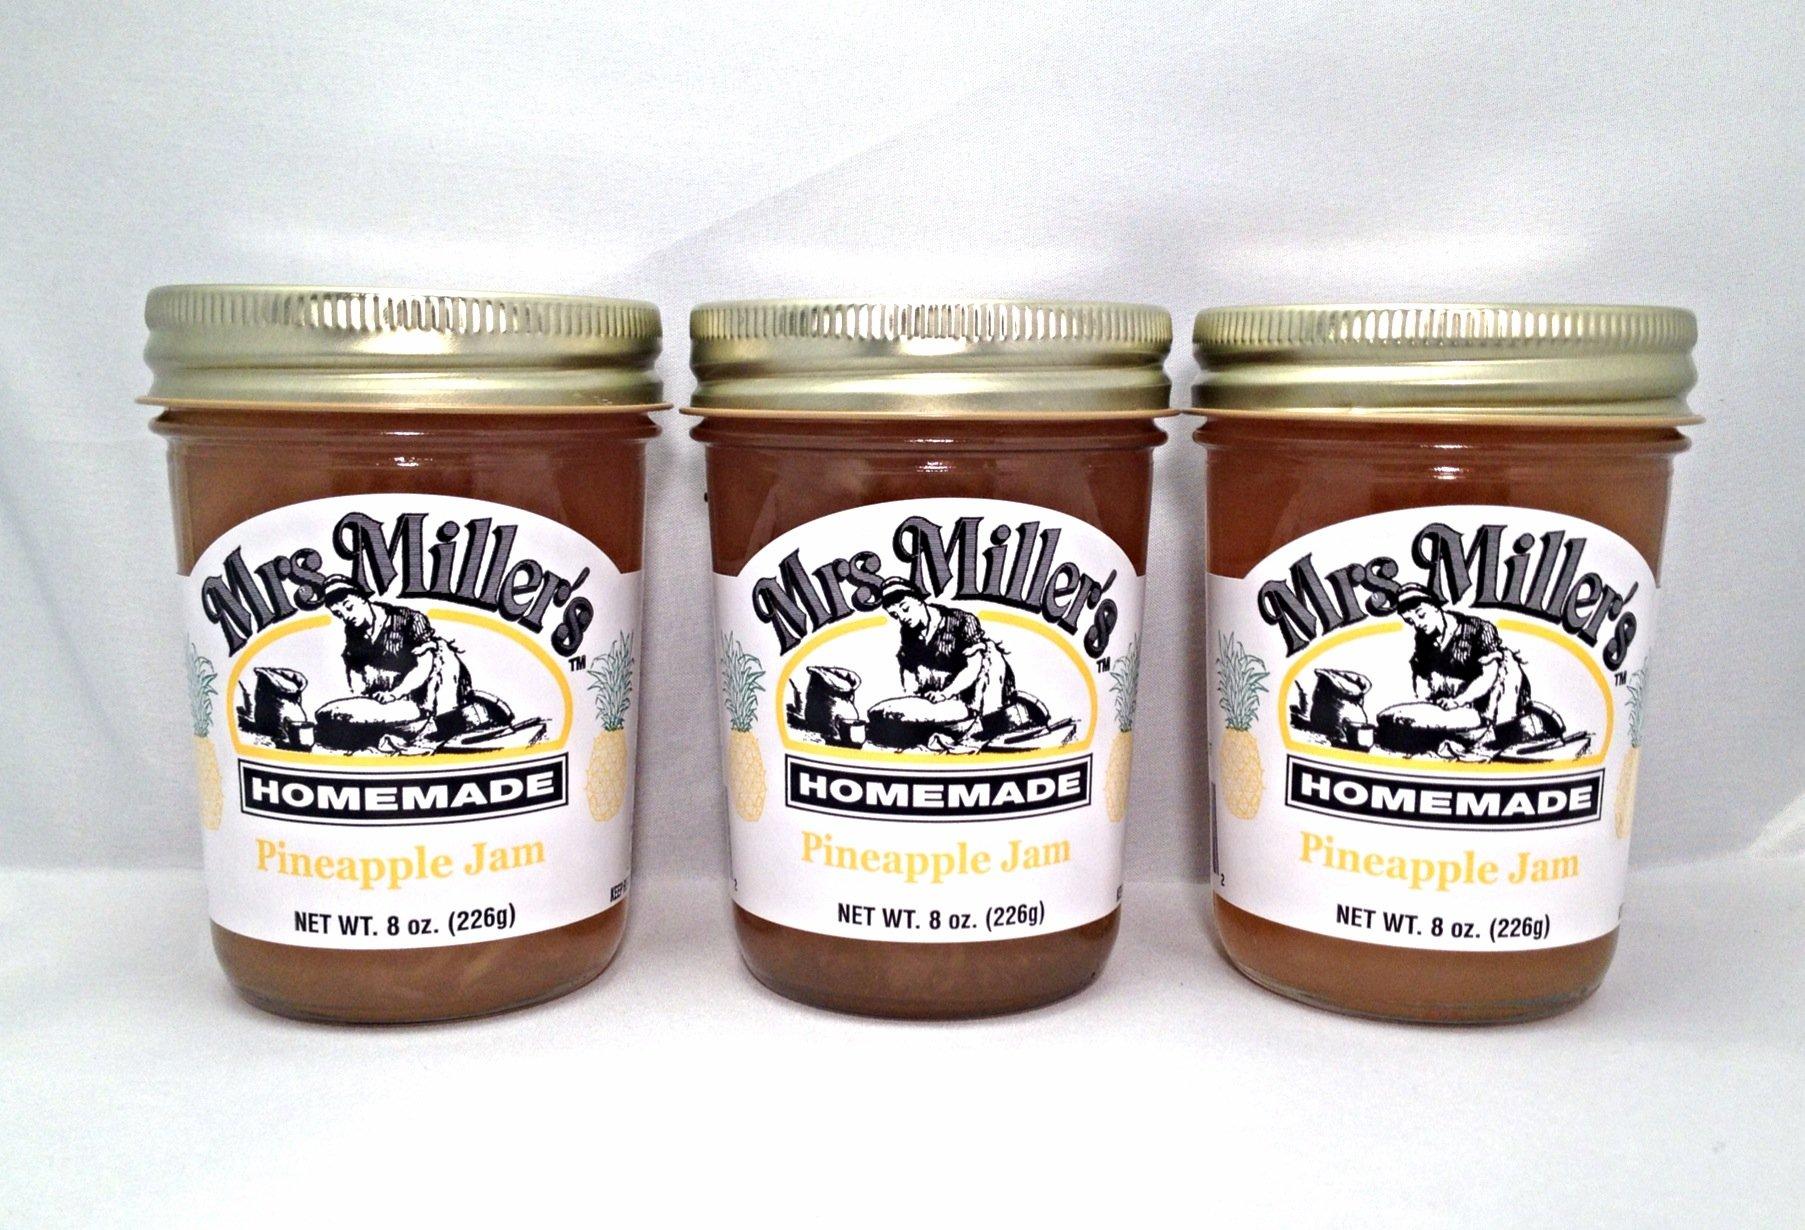 Mrs. Miller's Amish Homemade Pineapple Jam 8 Oz. - Pack of 3 (Boxed)